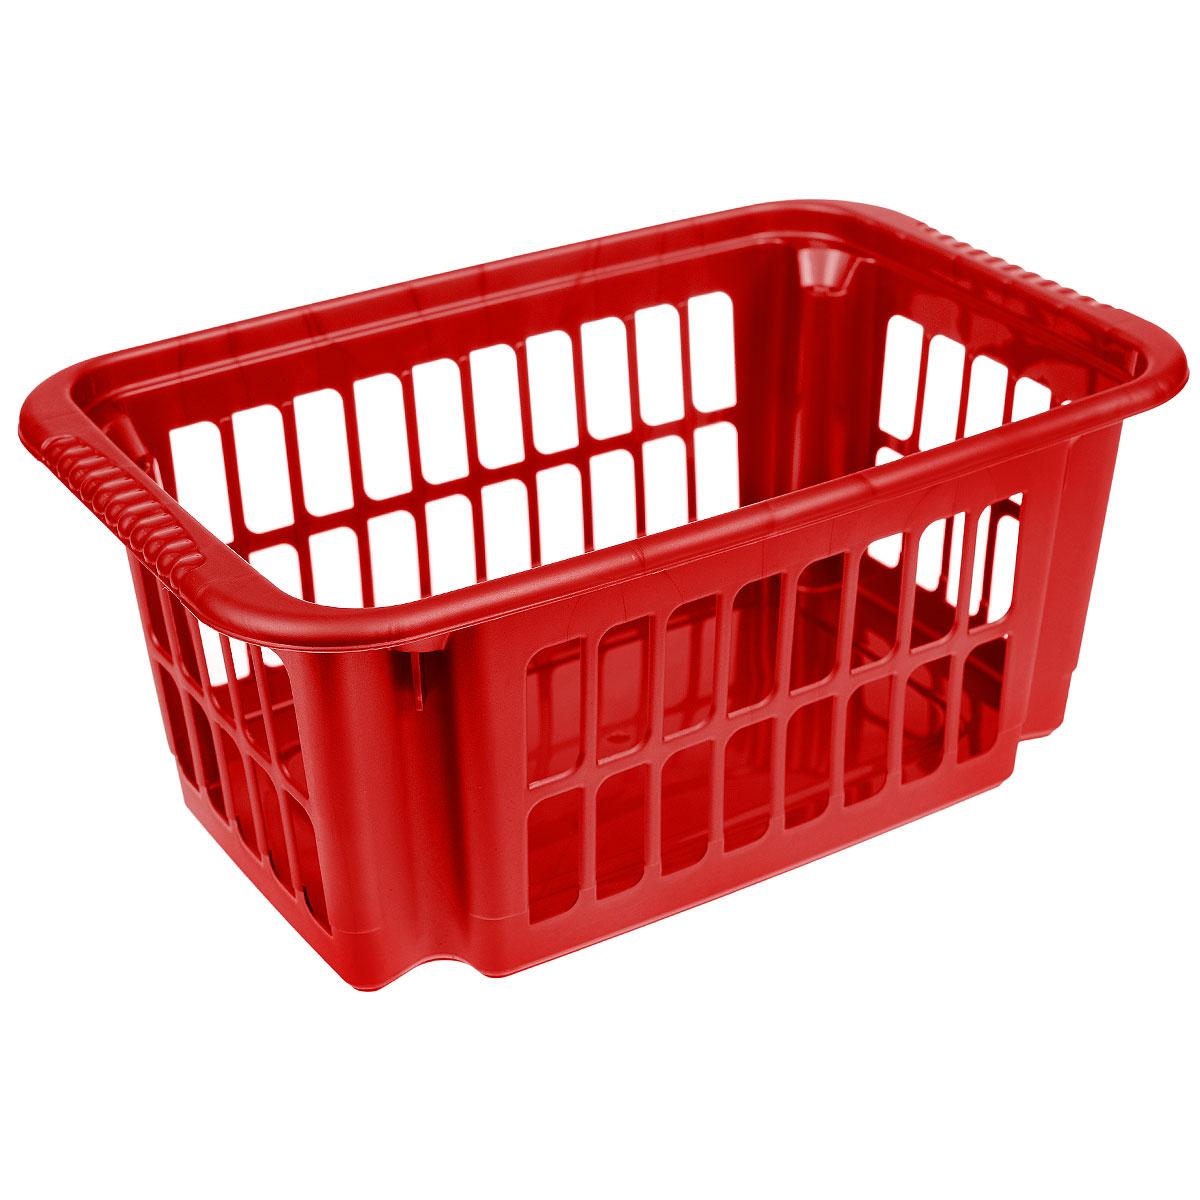 Корзина универсальная Алеана, цвет: красный, 47 х 30,5 х 20 см122059_красныйКорзина универсальная Алеана изготовлена из прочного пластика. Она отлично подойдет для хранения белья перед стиркой. Большое количество отверстий на стенках корзины создает идеальные условия для проветривания. Такая корзина для белья прекрасно впишется в интерьер ванной комнаты.